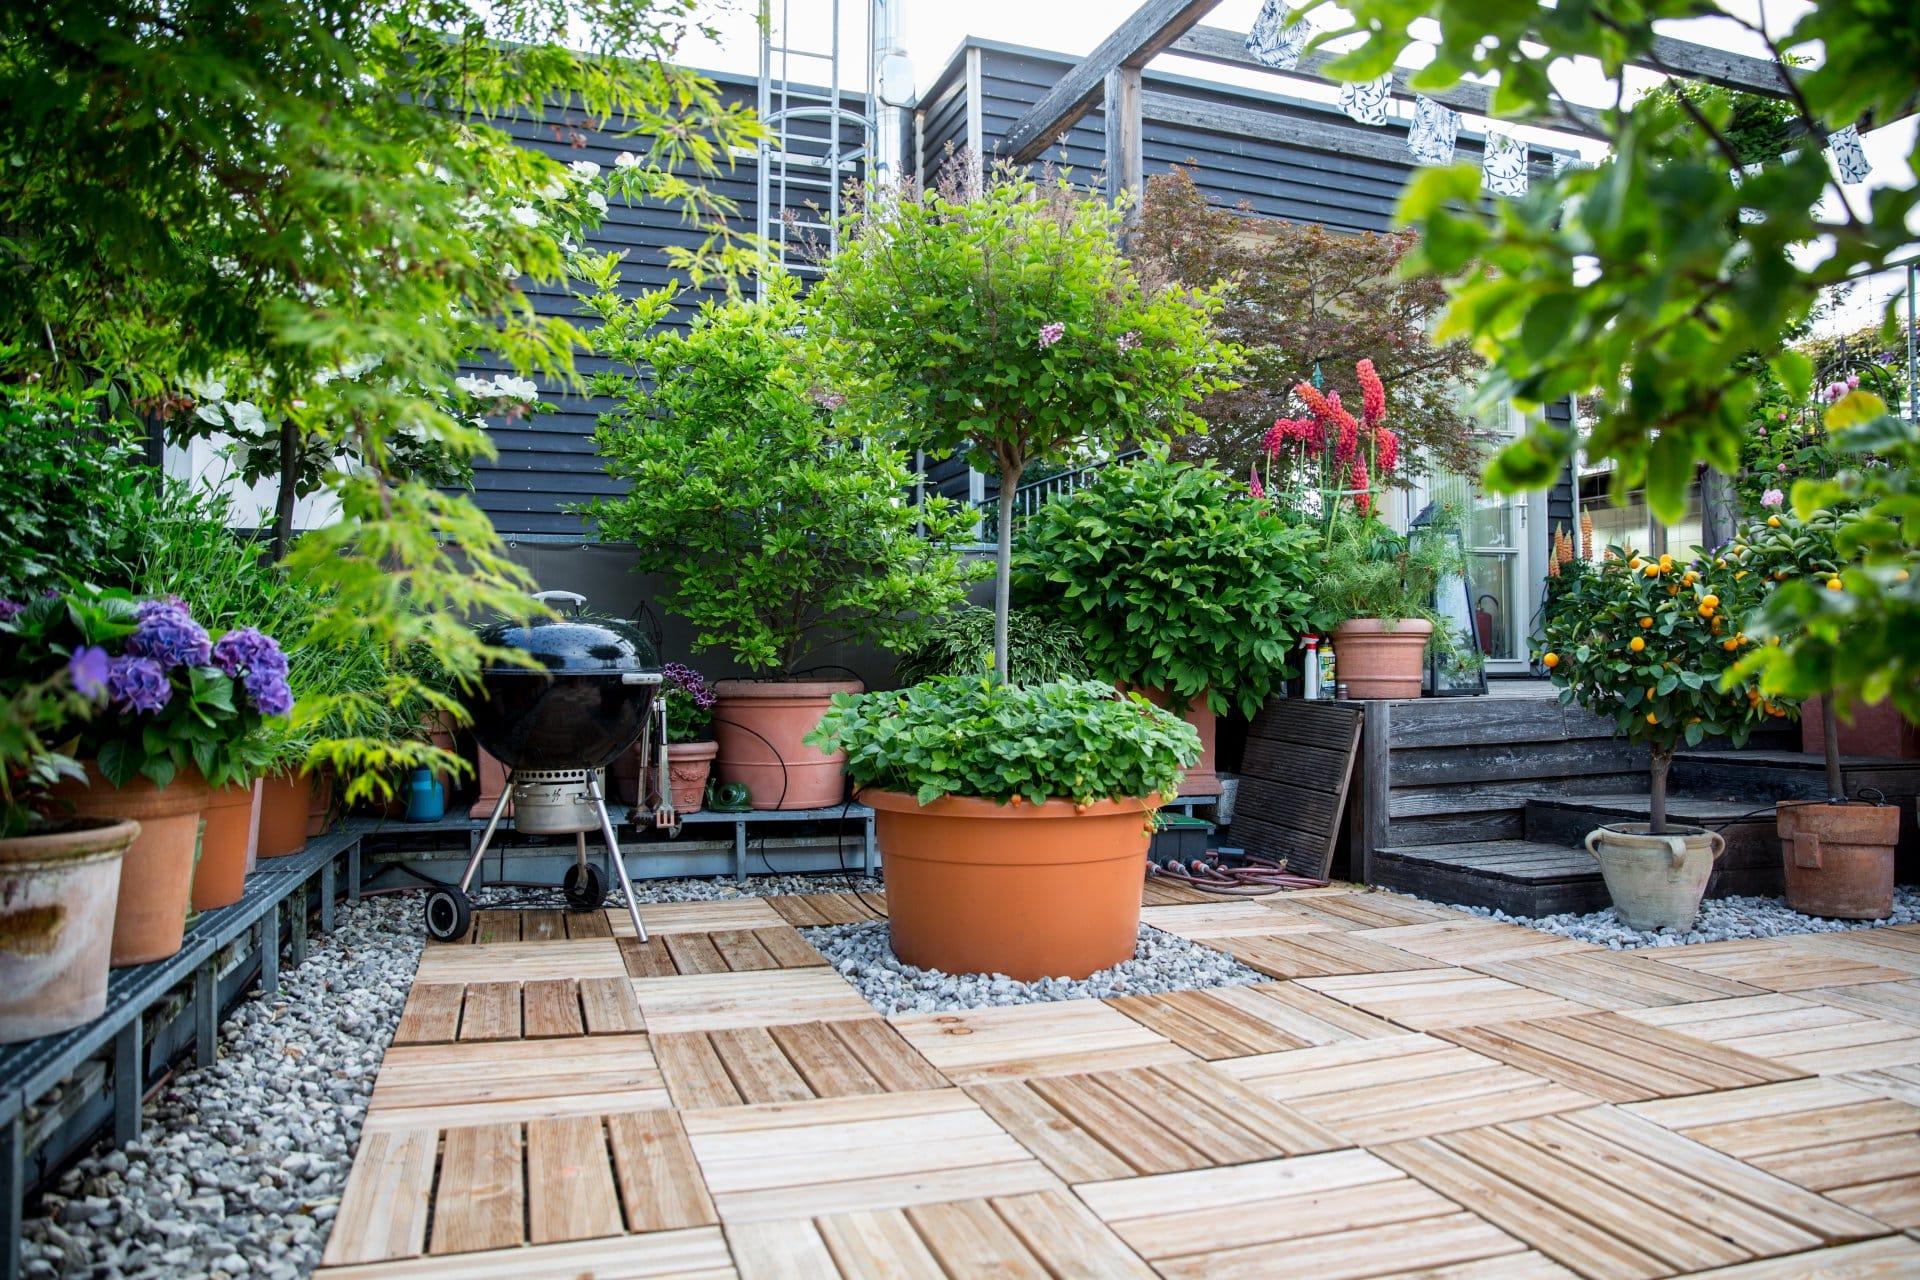 terrasse verschönern with terrasse balkon sanieren welcher unterbau